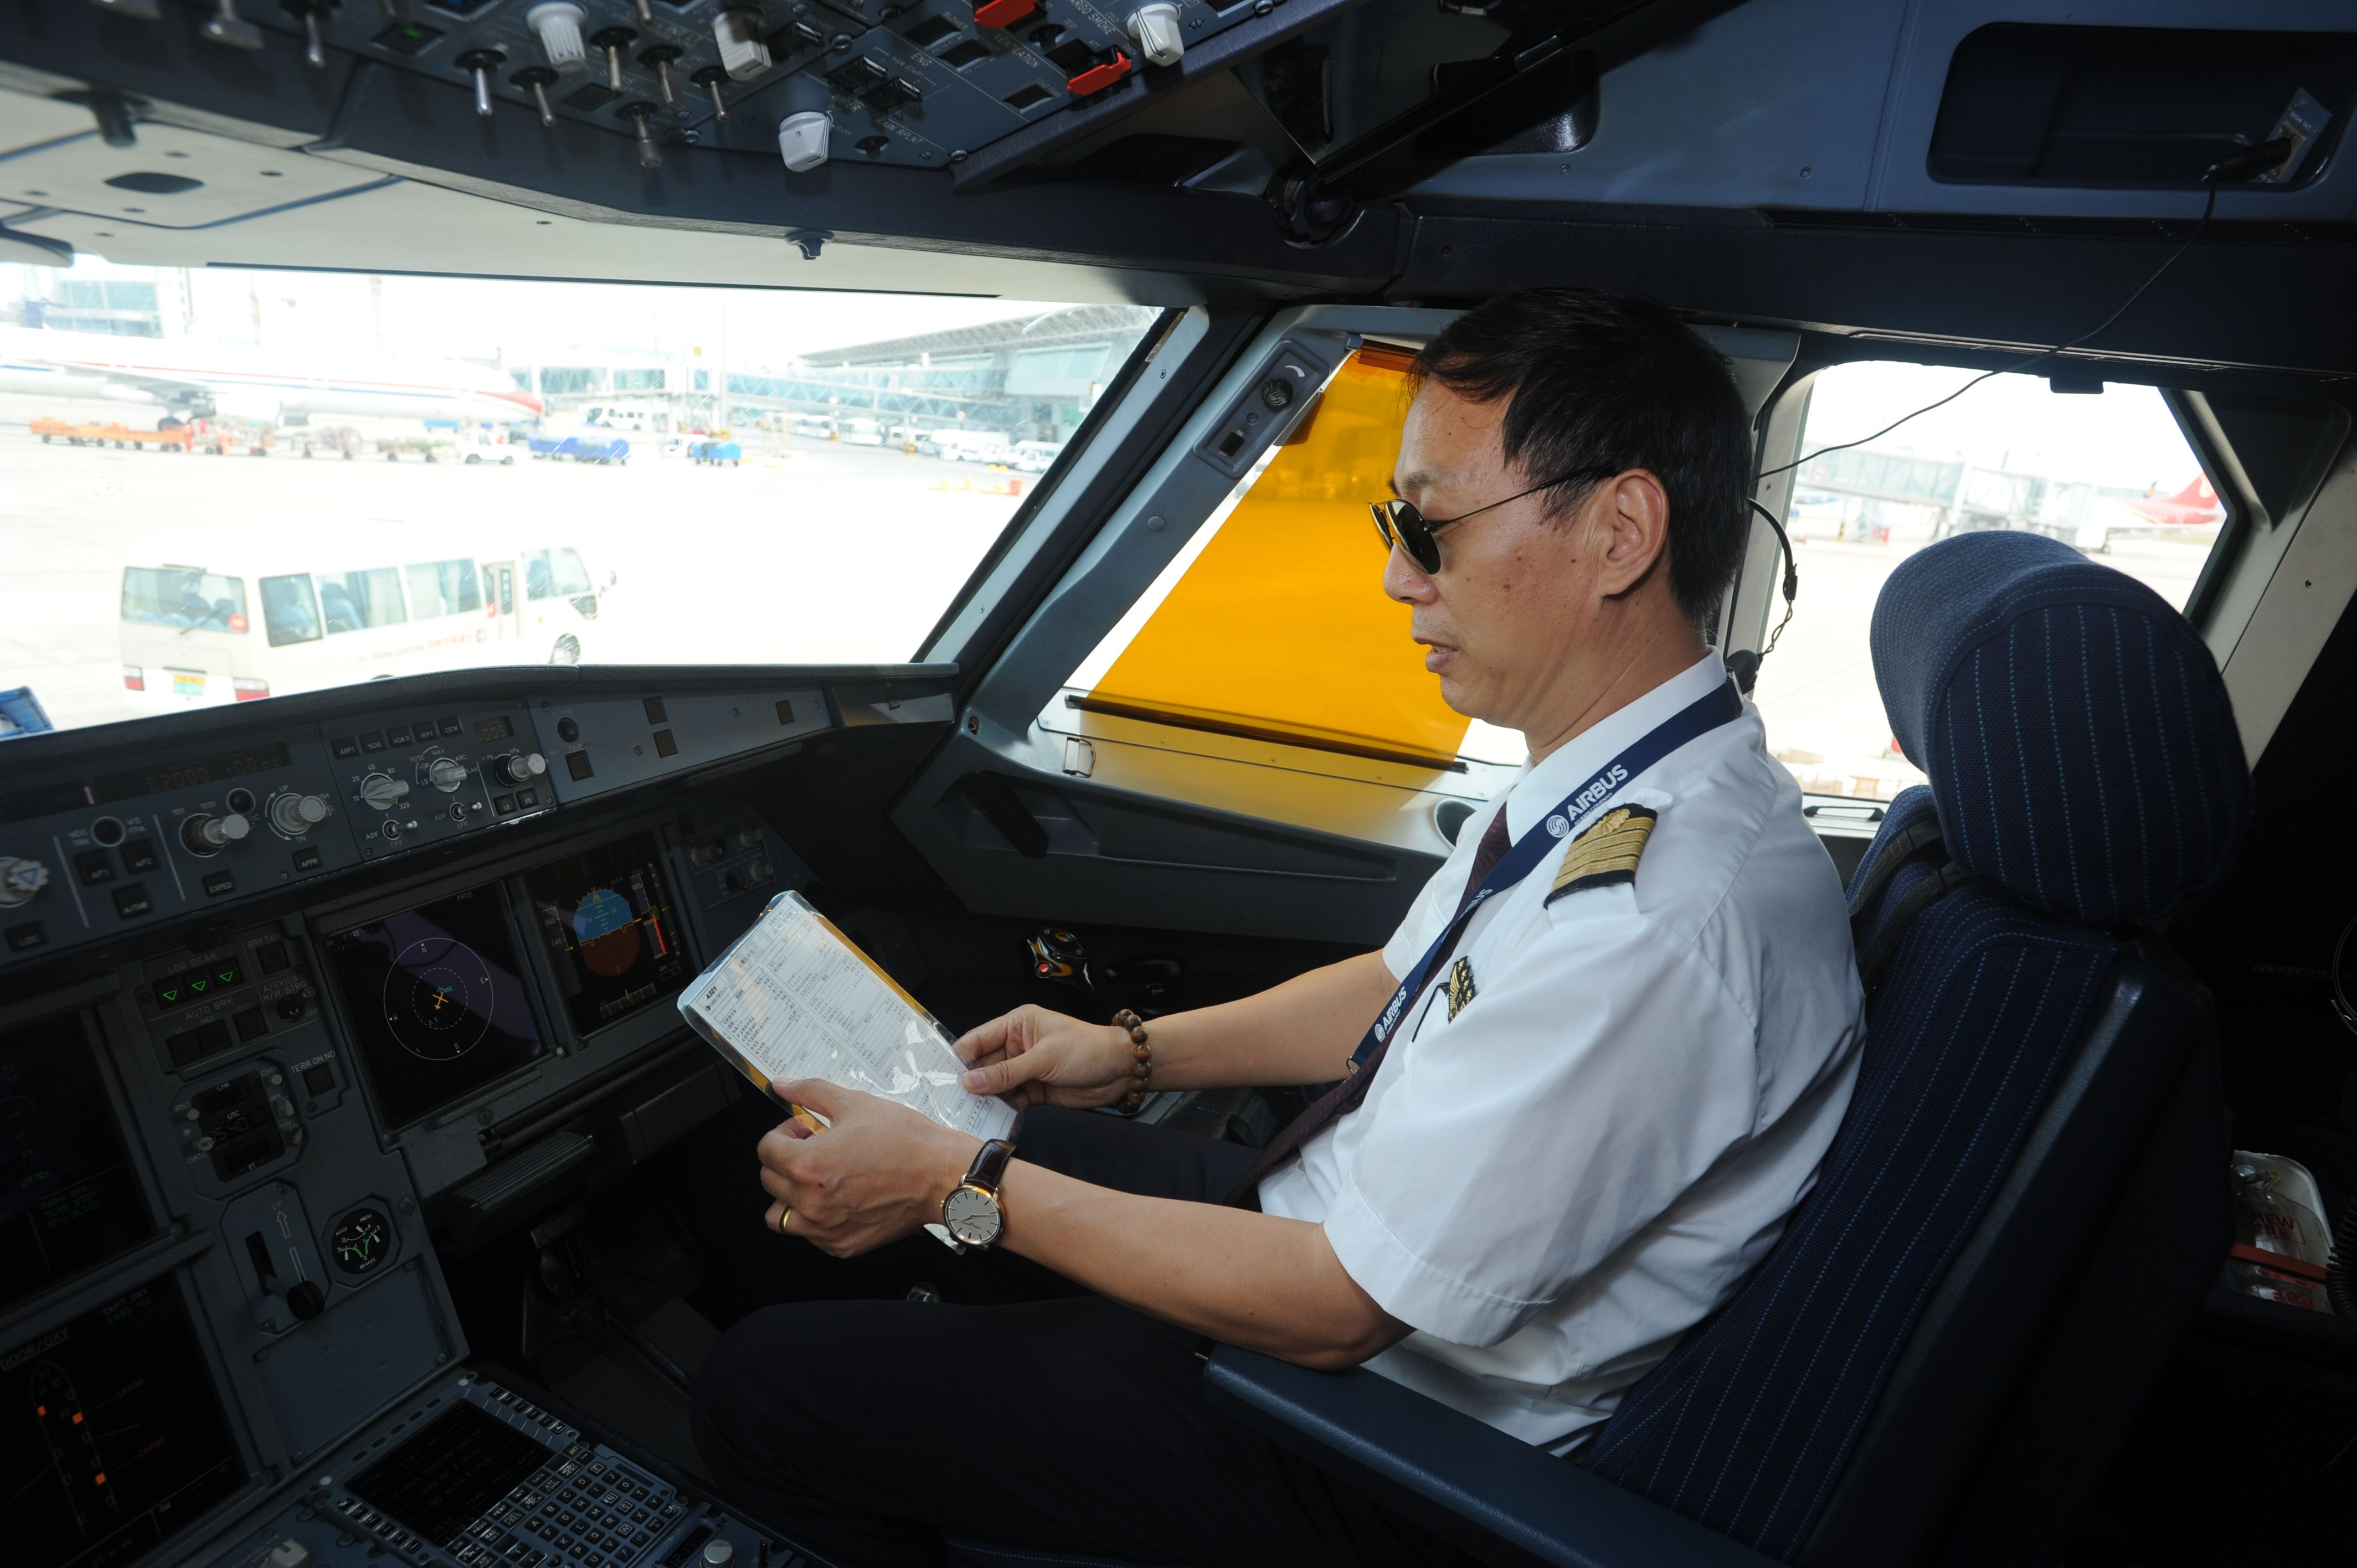 东航父子飞行员春运心声:万家团圆是大家的心愿